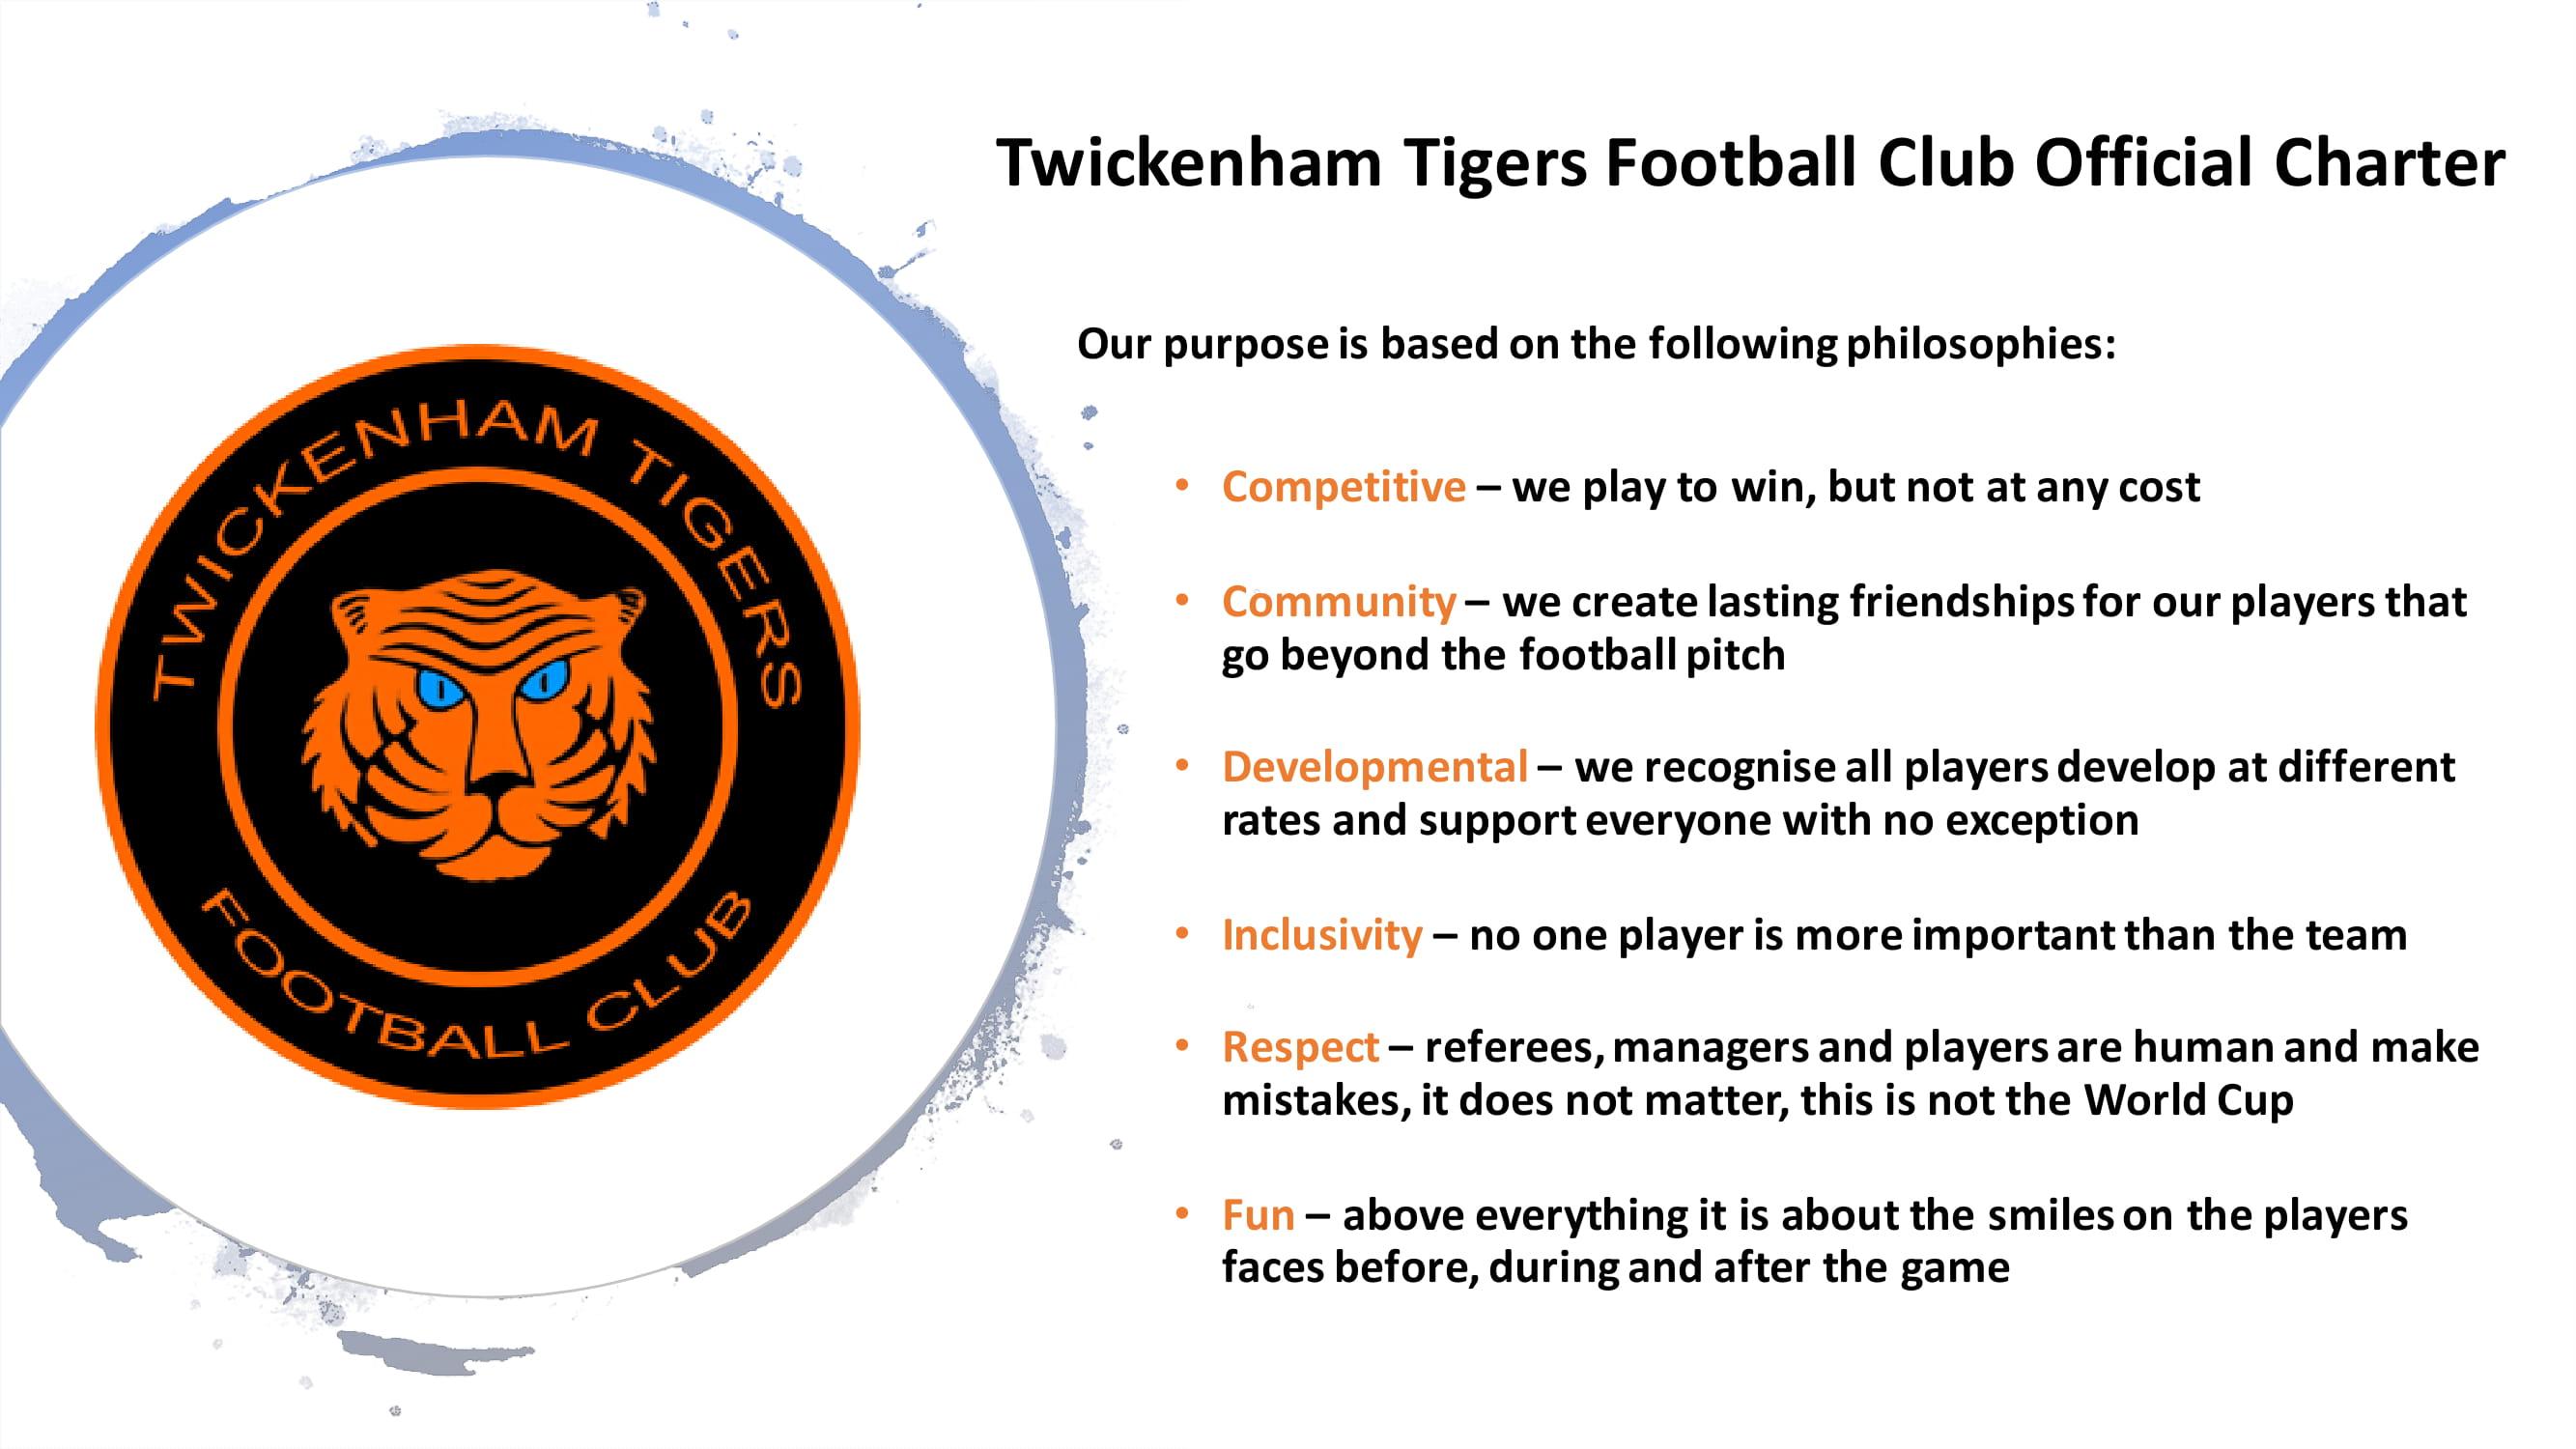 TTFC Official Charter-1jpg